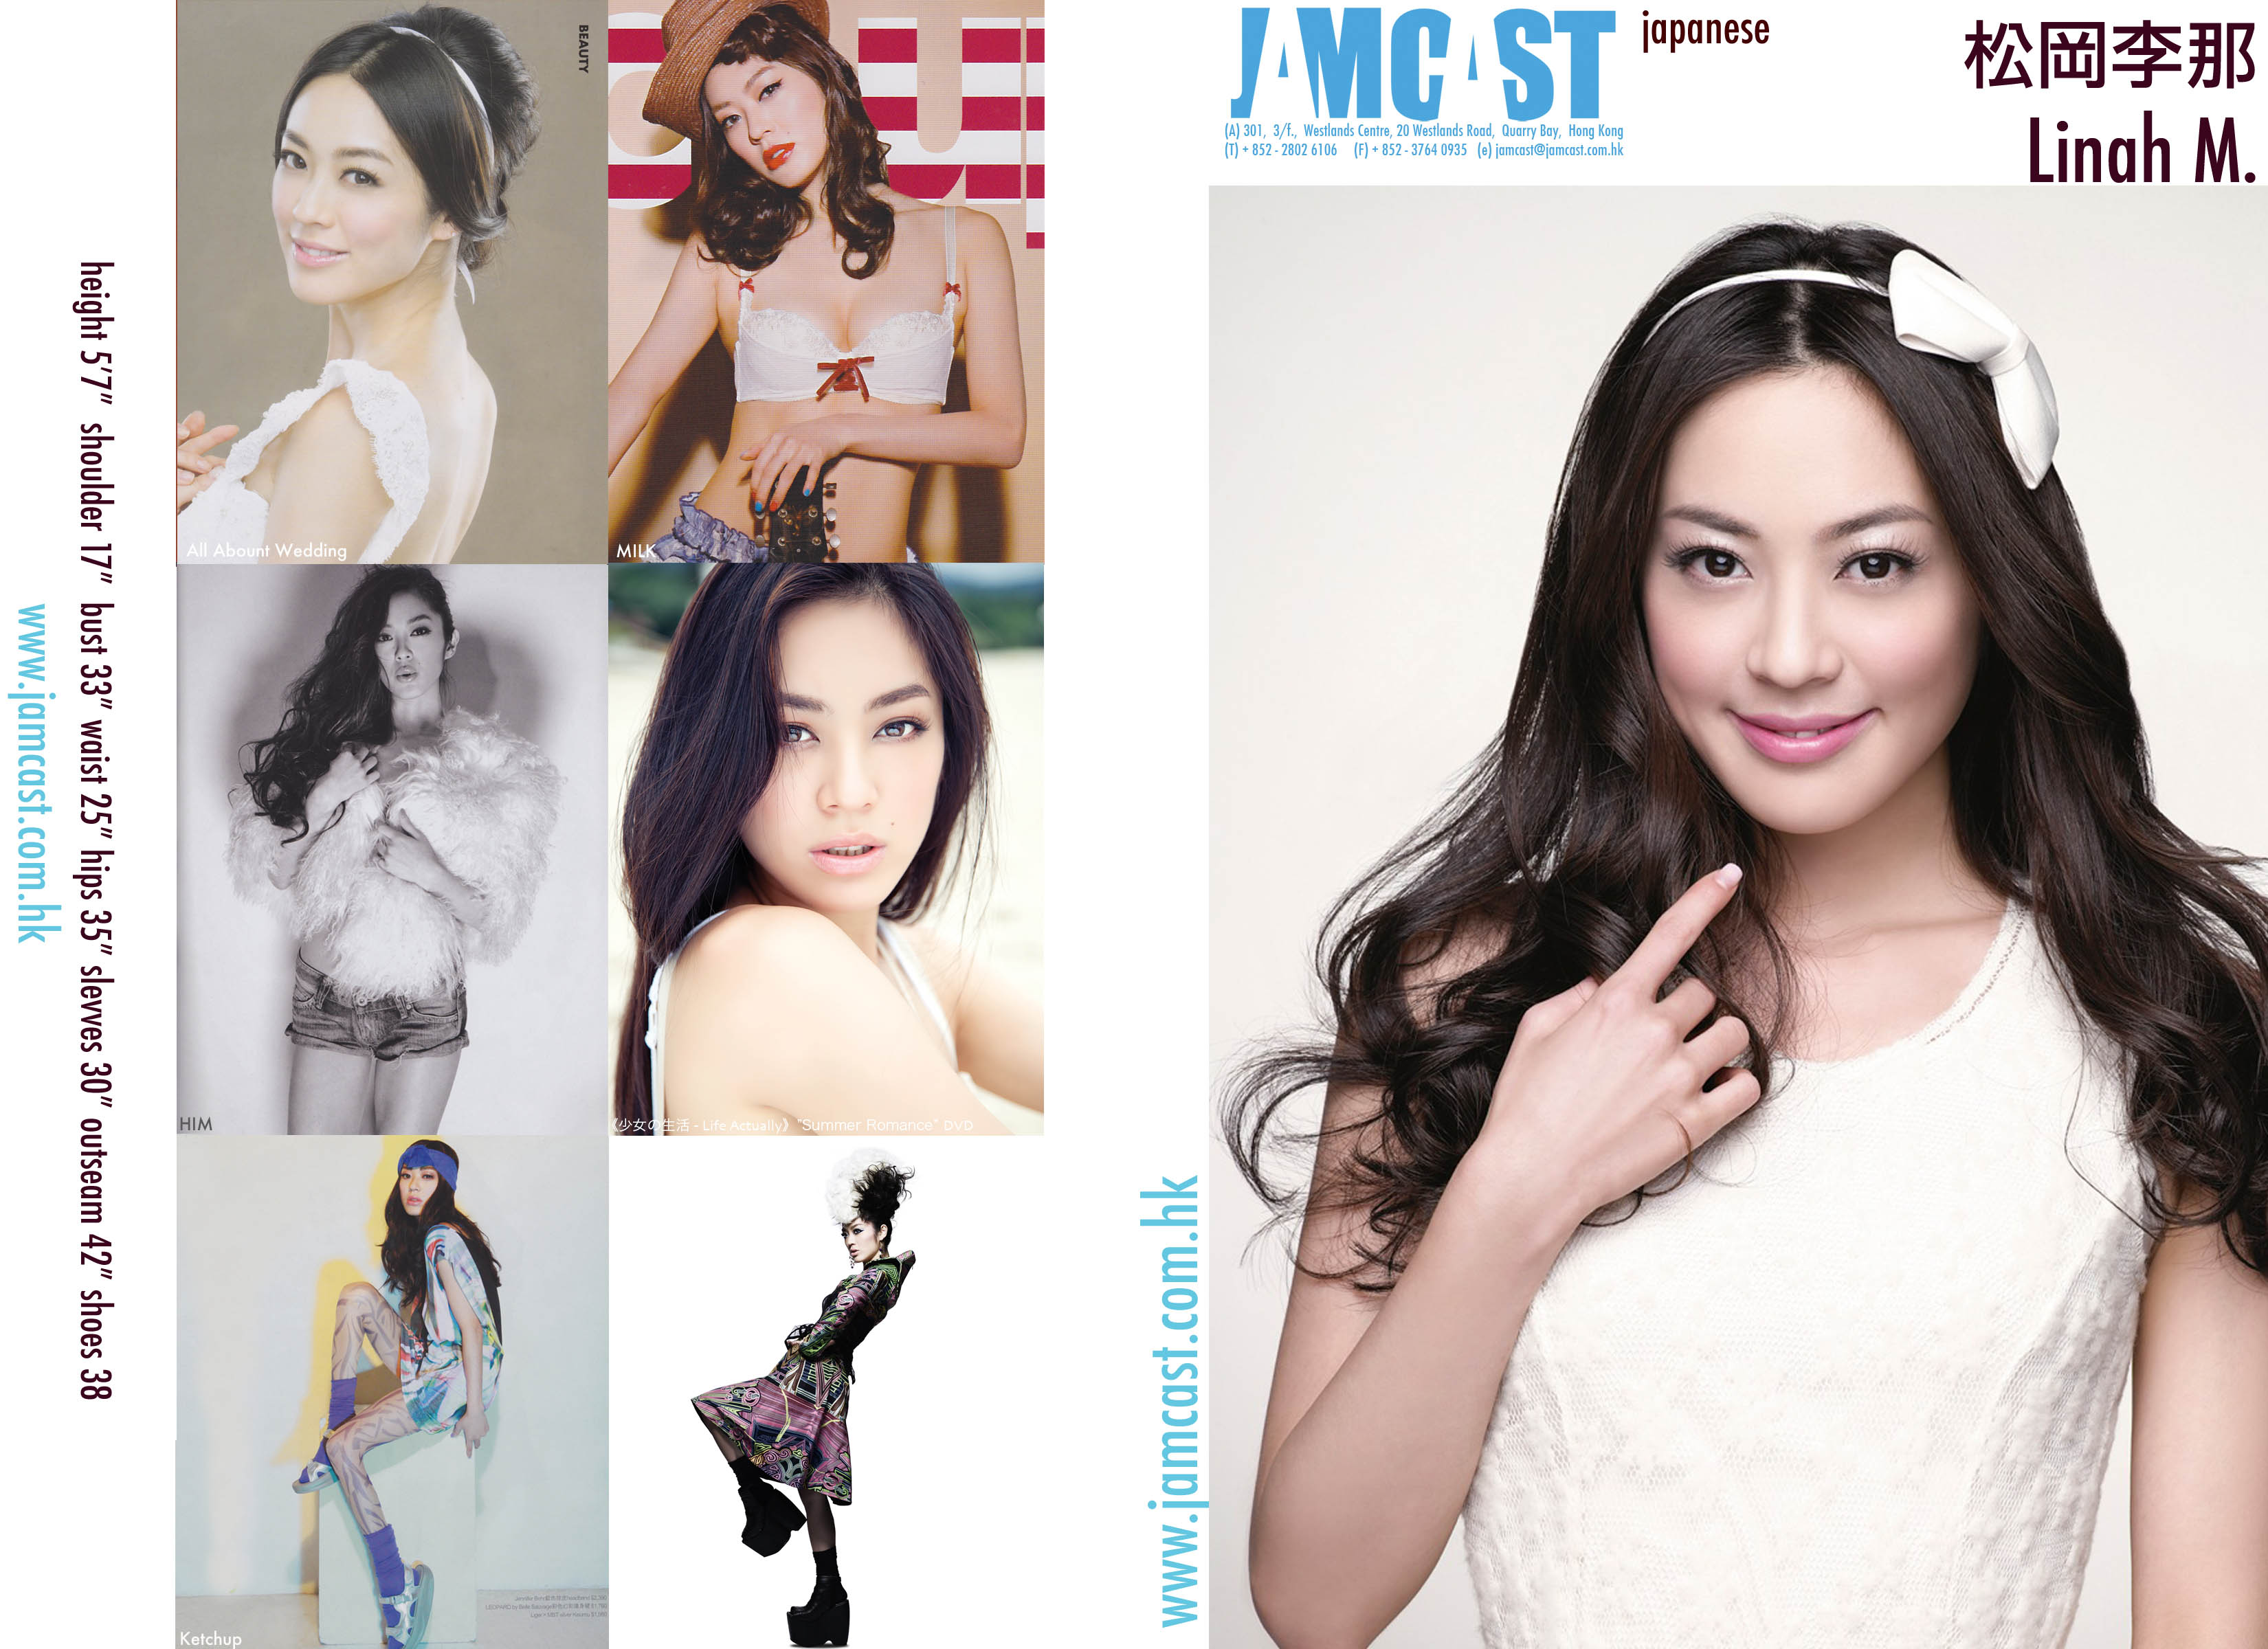 Linah Matsuoka Card